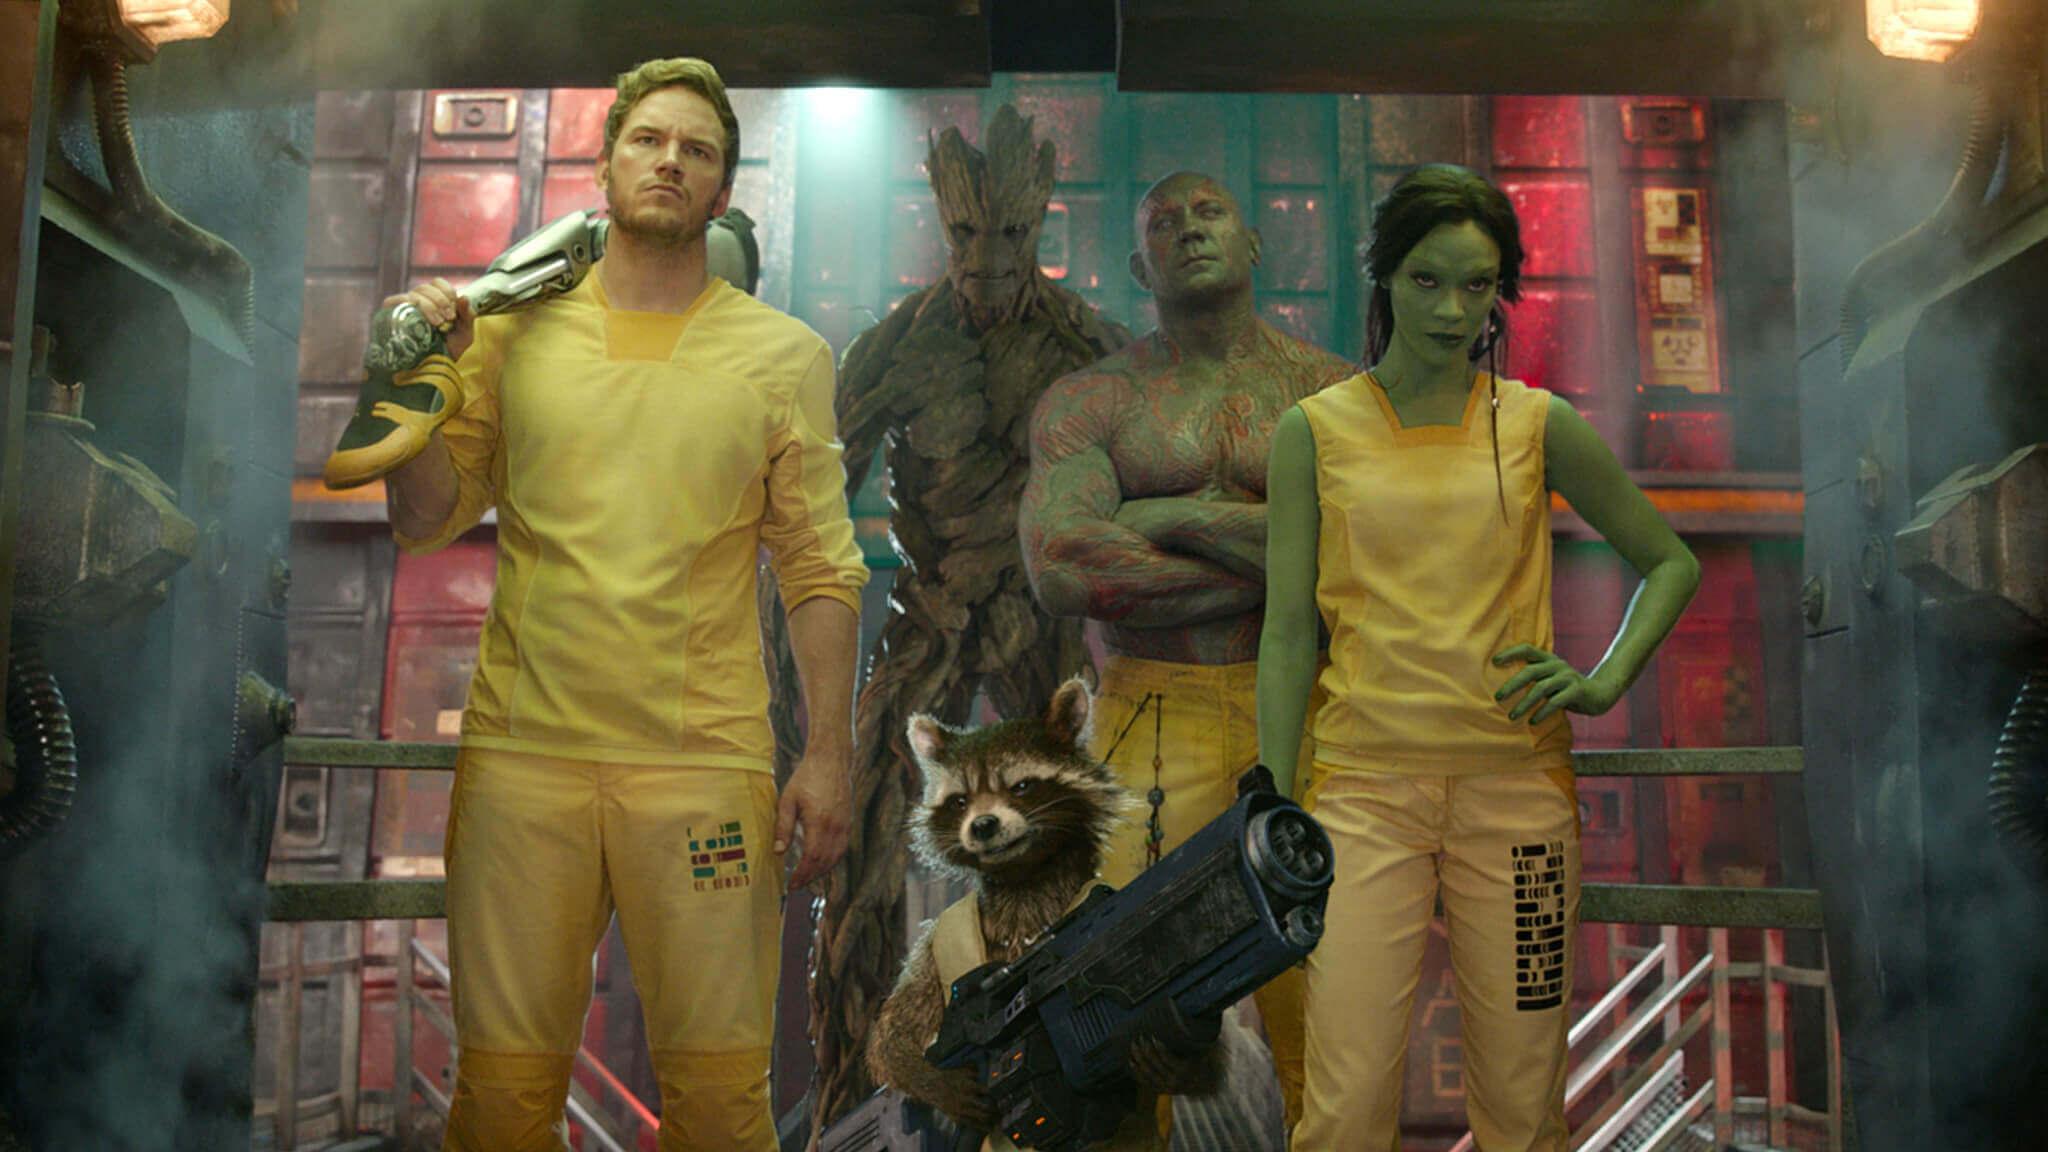 詹姆斯岡恩回歸執導《星際異攻隊 3》,身為編劇與導演,本片被網友奉為最期待看到的漫威超級英雄新片。